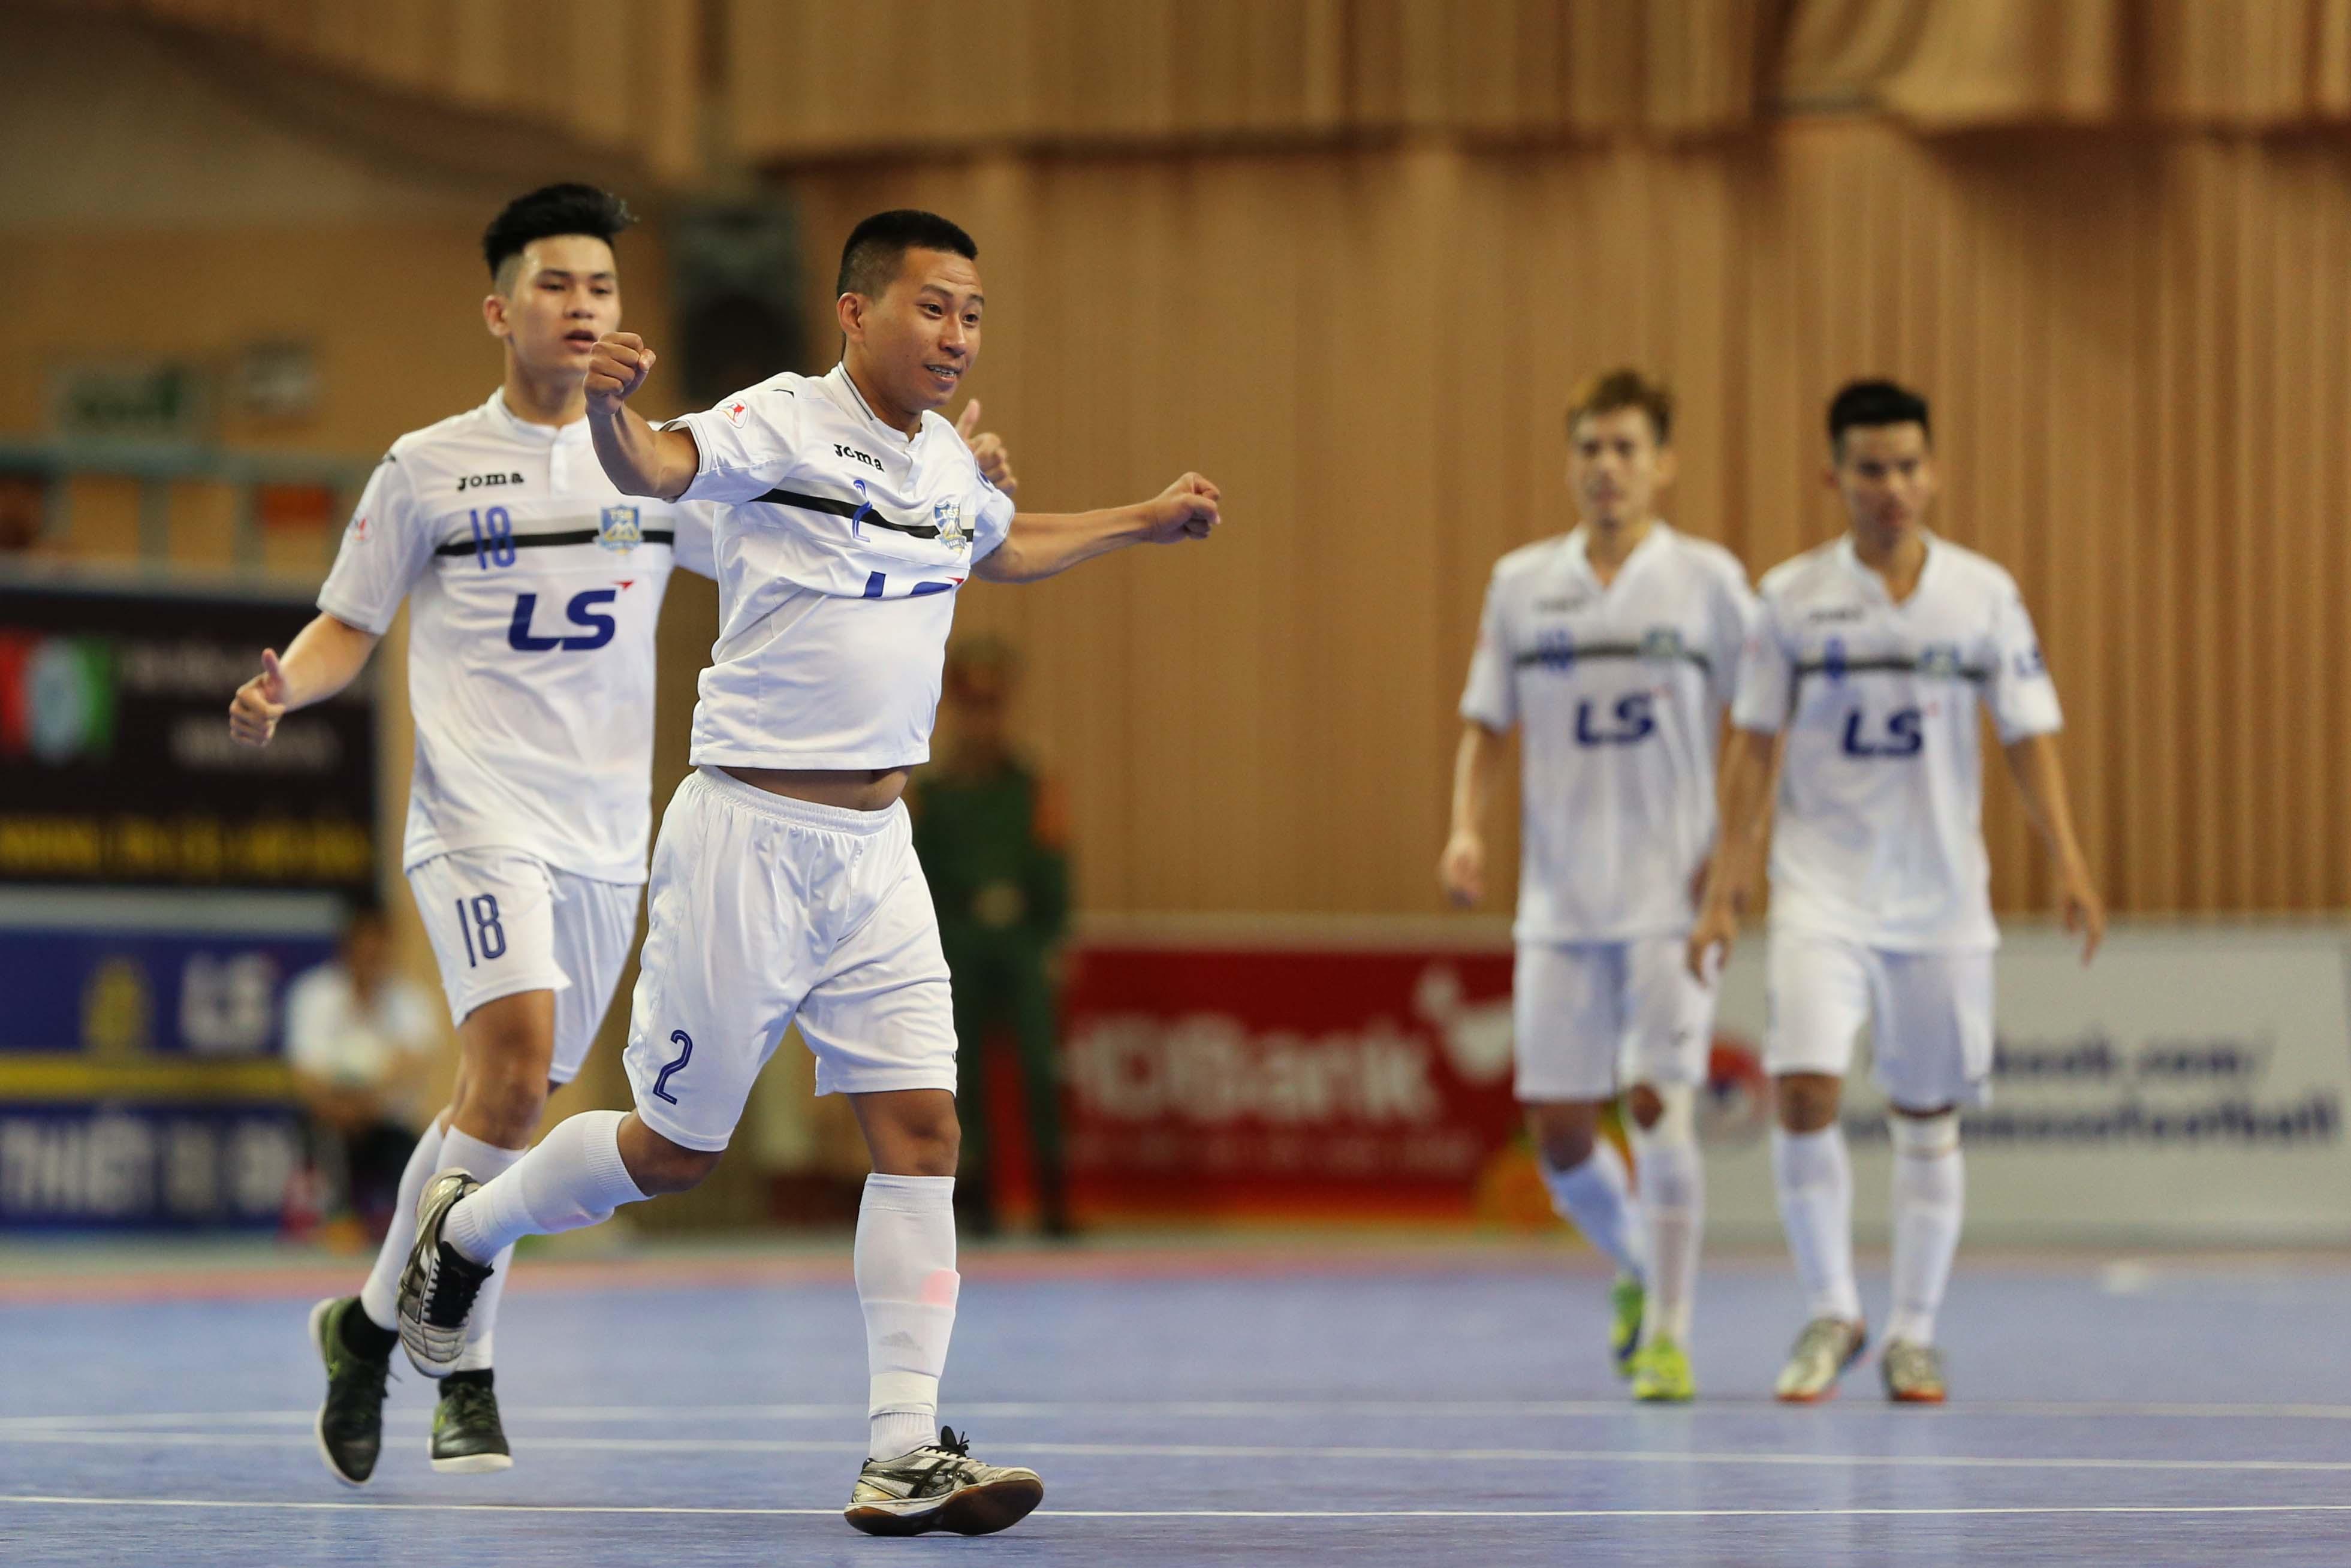 Giải futsal tranh Cúp LS 2017: Thái Sơn Nam sẽ vào chung kết? - Bóng Đá